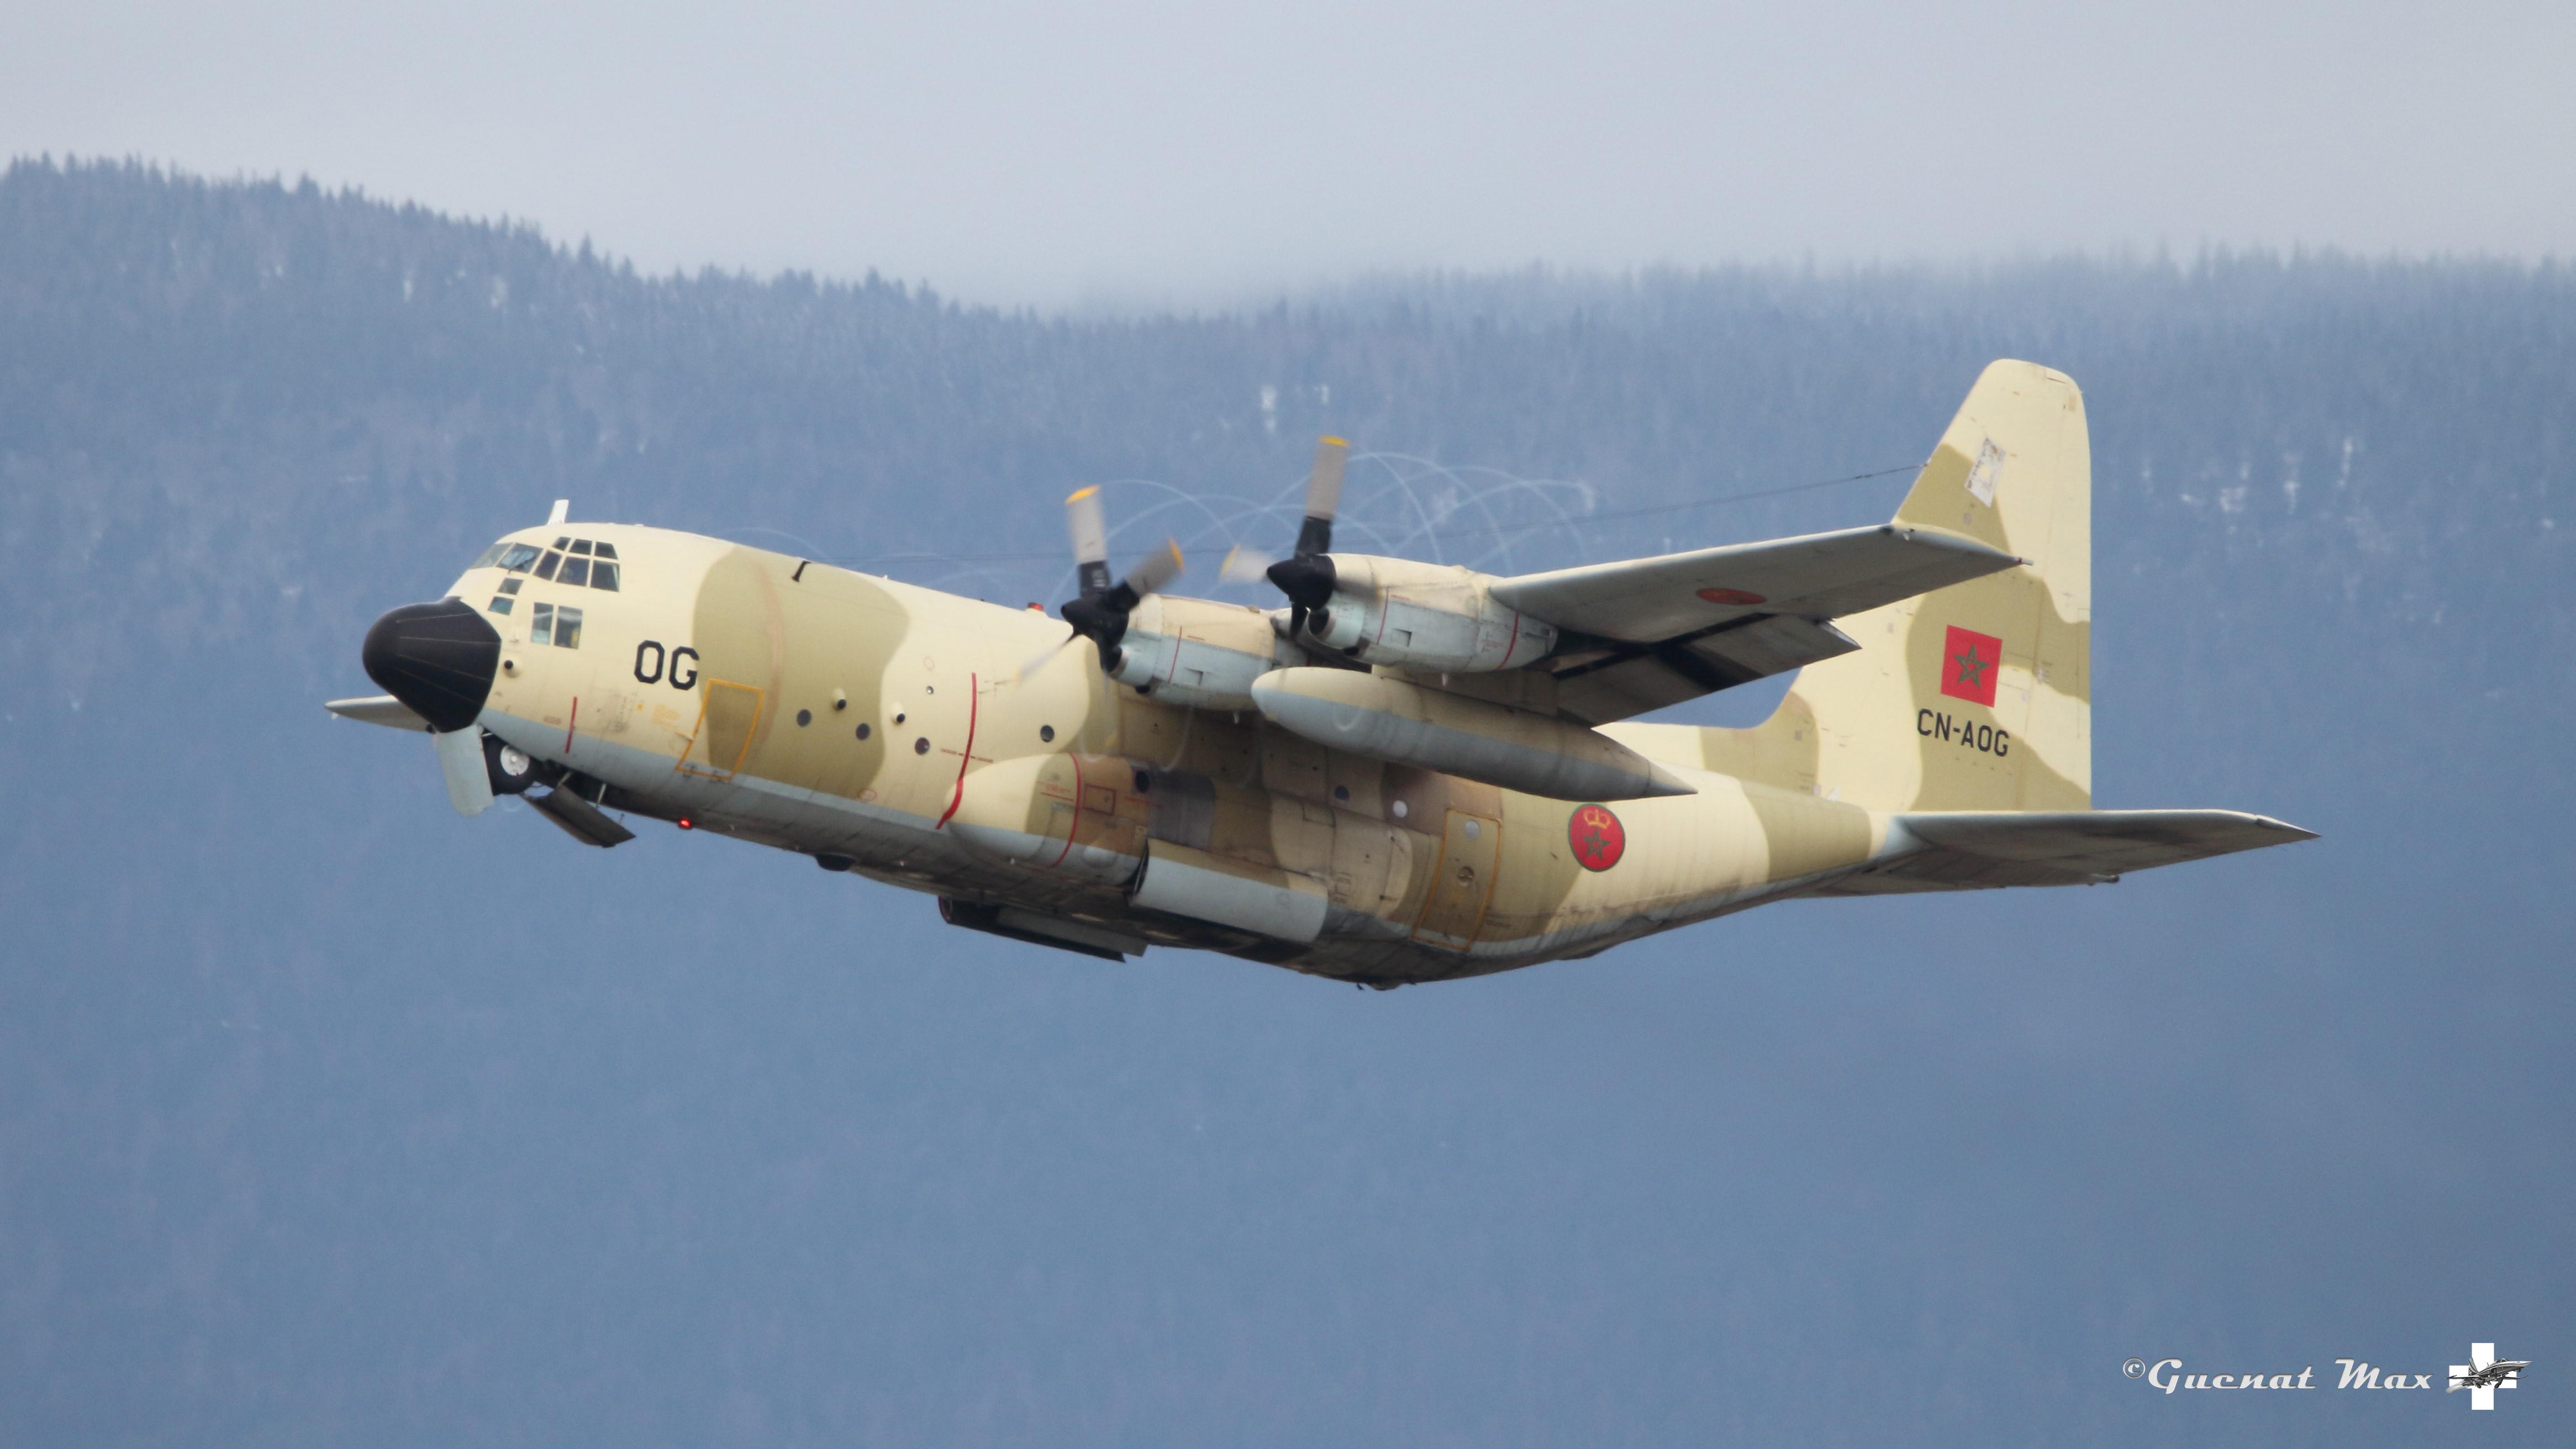 FRA: Photos d'avions de transport - Page 37 33442147948_463ae34196_o